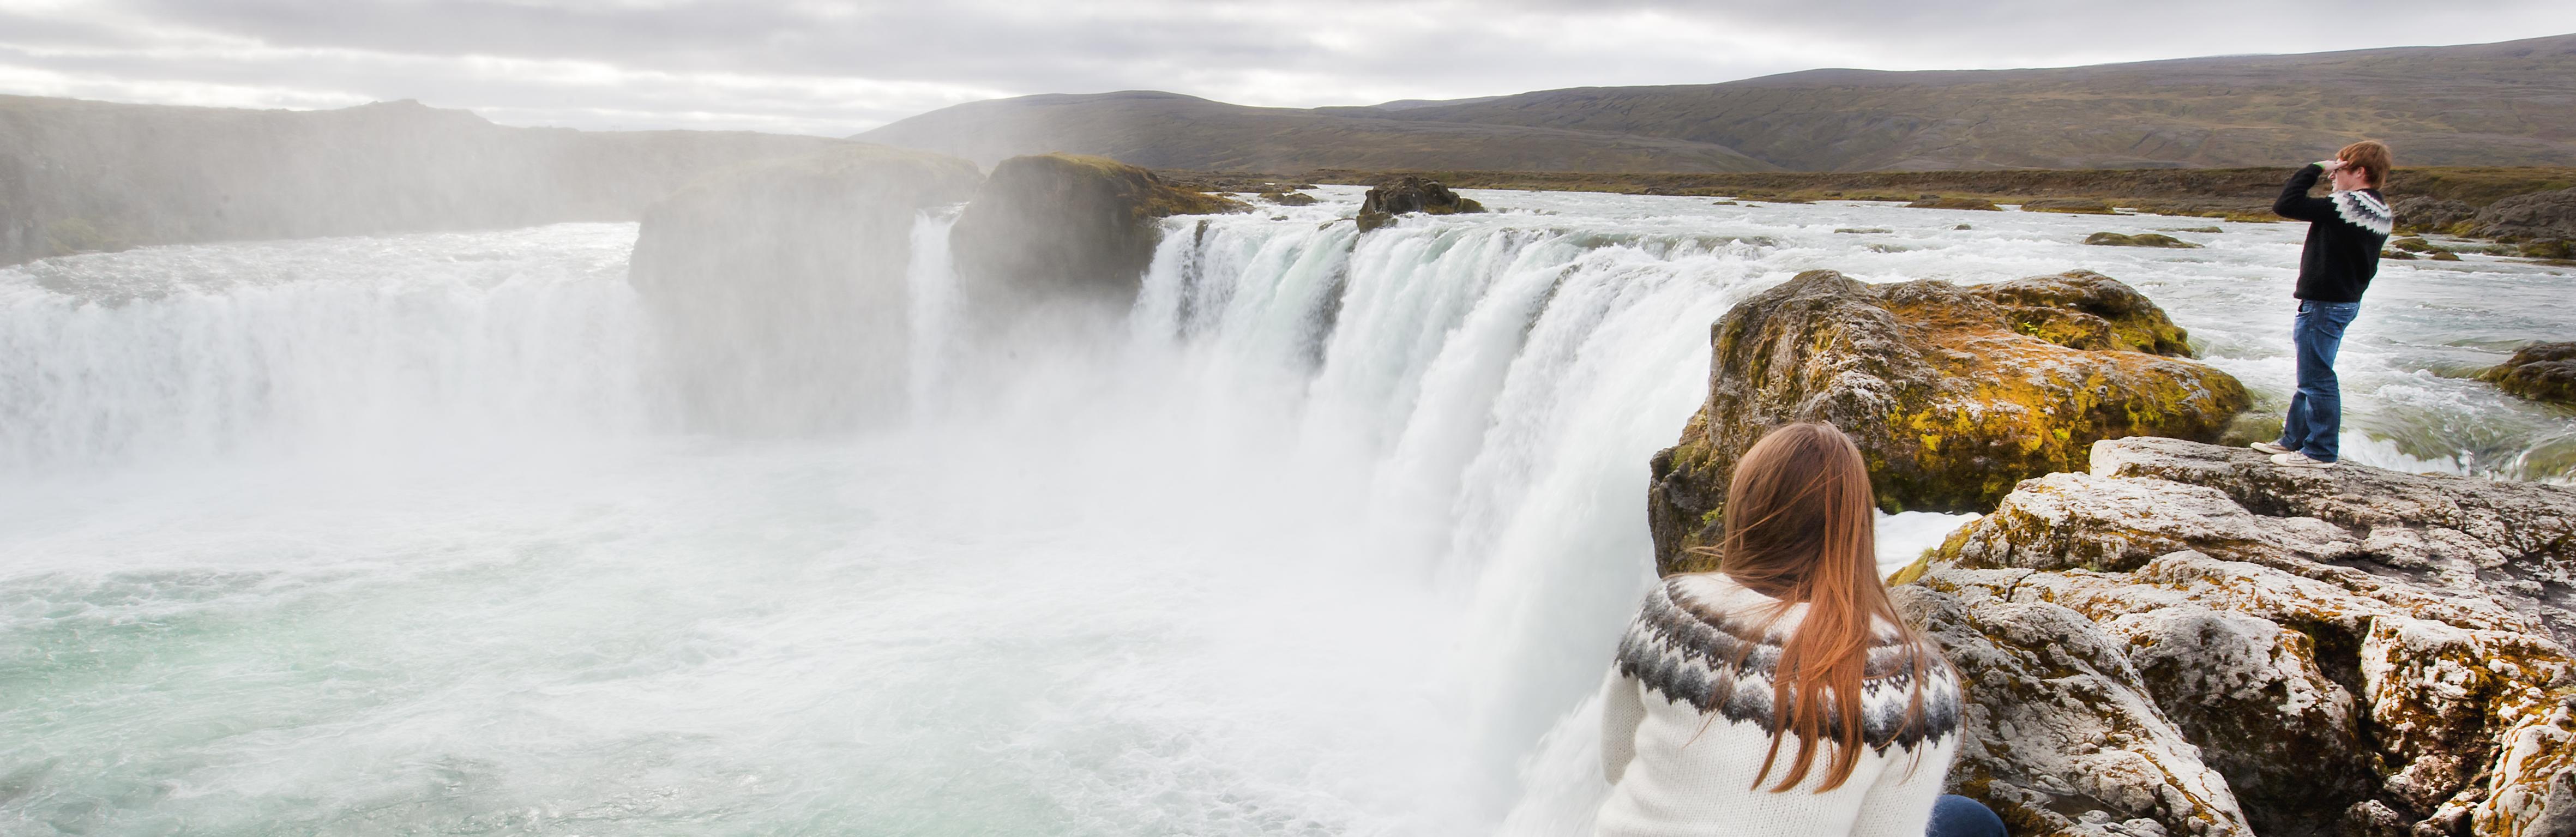 Wasserfall Godafoss - ein überwältigender Anblick